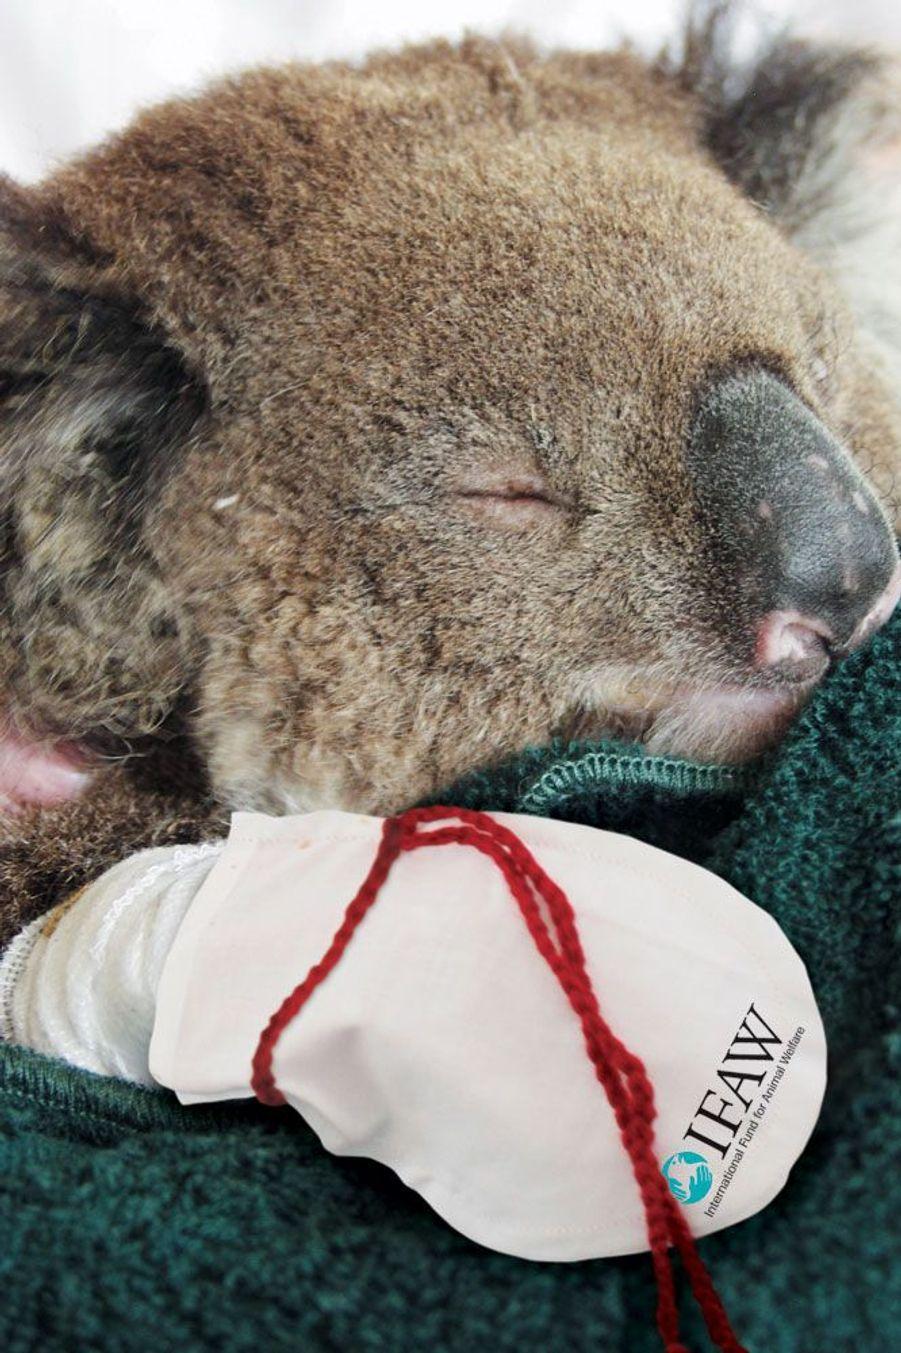 """IFAW: Un koala brûlé lors de feux de brousse en Australie reçoit un traitement d'IFAW comprenant des moufles spécialement conçues pour protéger ses pattes pendant la guérison...avant son relâcher.Chaque semaine, Paris Match sélectionne, sur le web et dans le magazine, vos plus beaux clichés pour la planète dans le cadre de son opération""""Ma Terre en photo"""".Vous aussi envoyez une photo pour la planète surwww.materre.photosParticipez au plus grand album photo de la planète pour l'environnement. Un arbre planté pour chaque photo envoyée !Vos images seront ensuite rassemblées dans un ouvrage qui sera remis à tous les chefs d'Etats et chefs de délégation lors de la Conférence des Nations unies sur le climat (COP21) qui se tiendra à Paris en décembre prochain."""